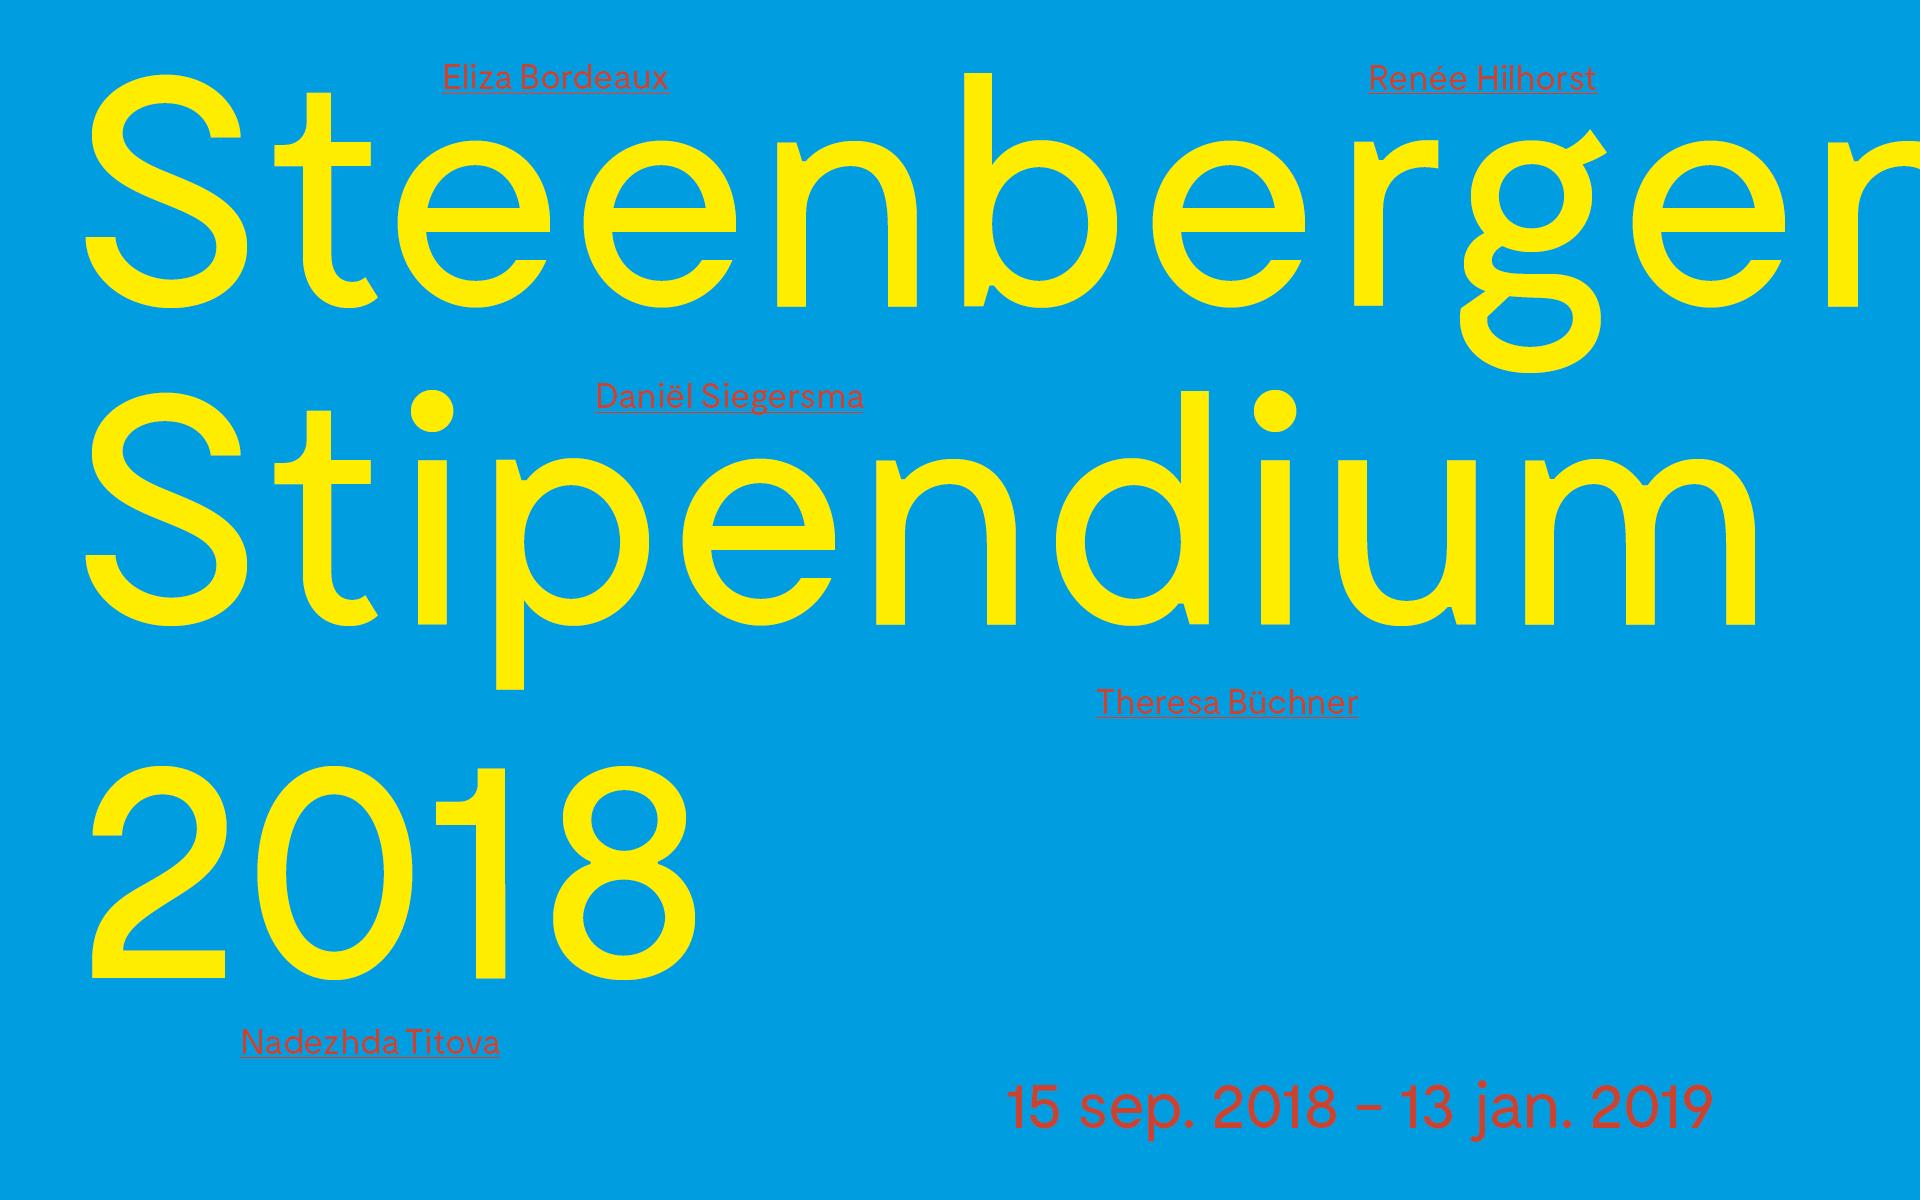 steenbergen-stipendium-2018